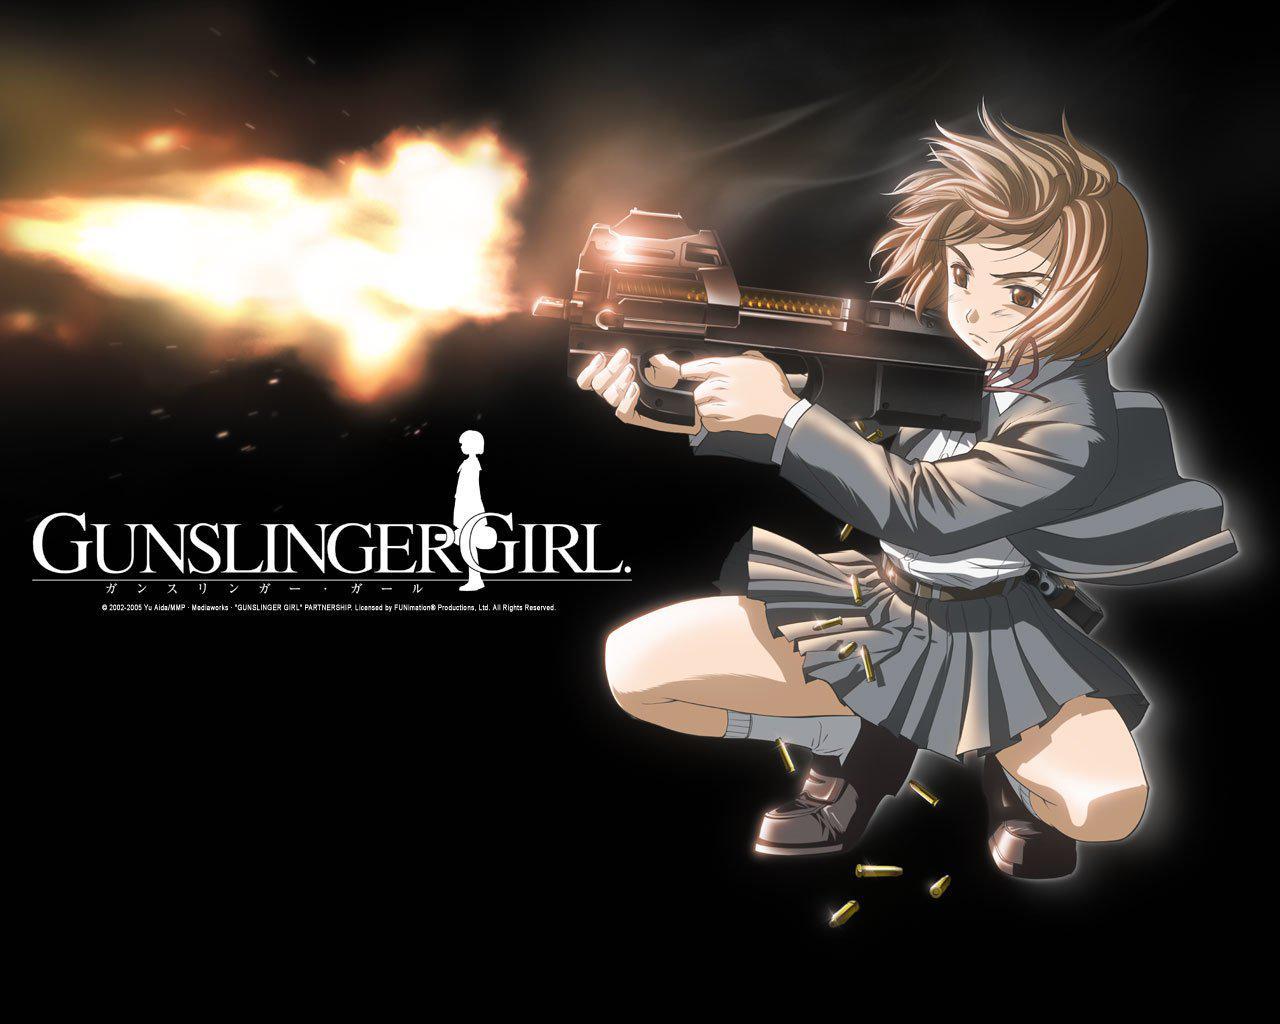 Gunslinger Girl Hd Wallpapers High Resolution Hd